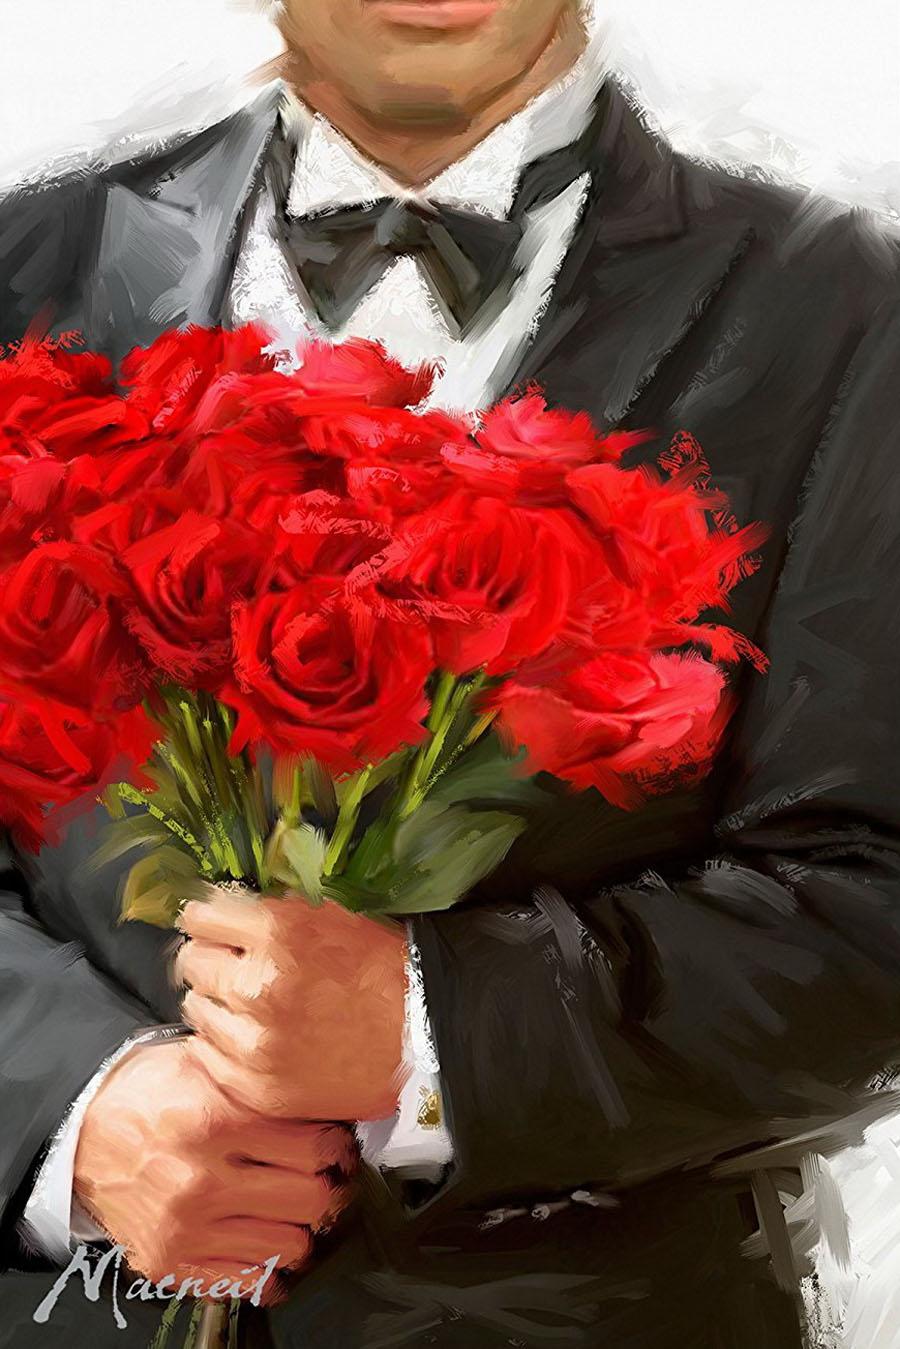 красивые фото мужчин с цветами стоит проверить, была